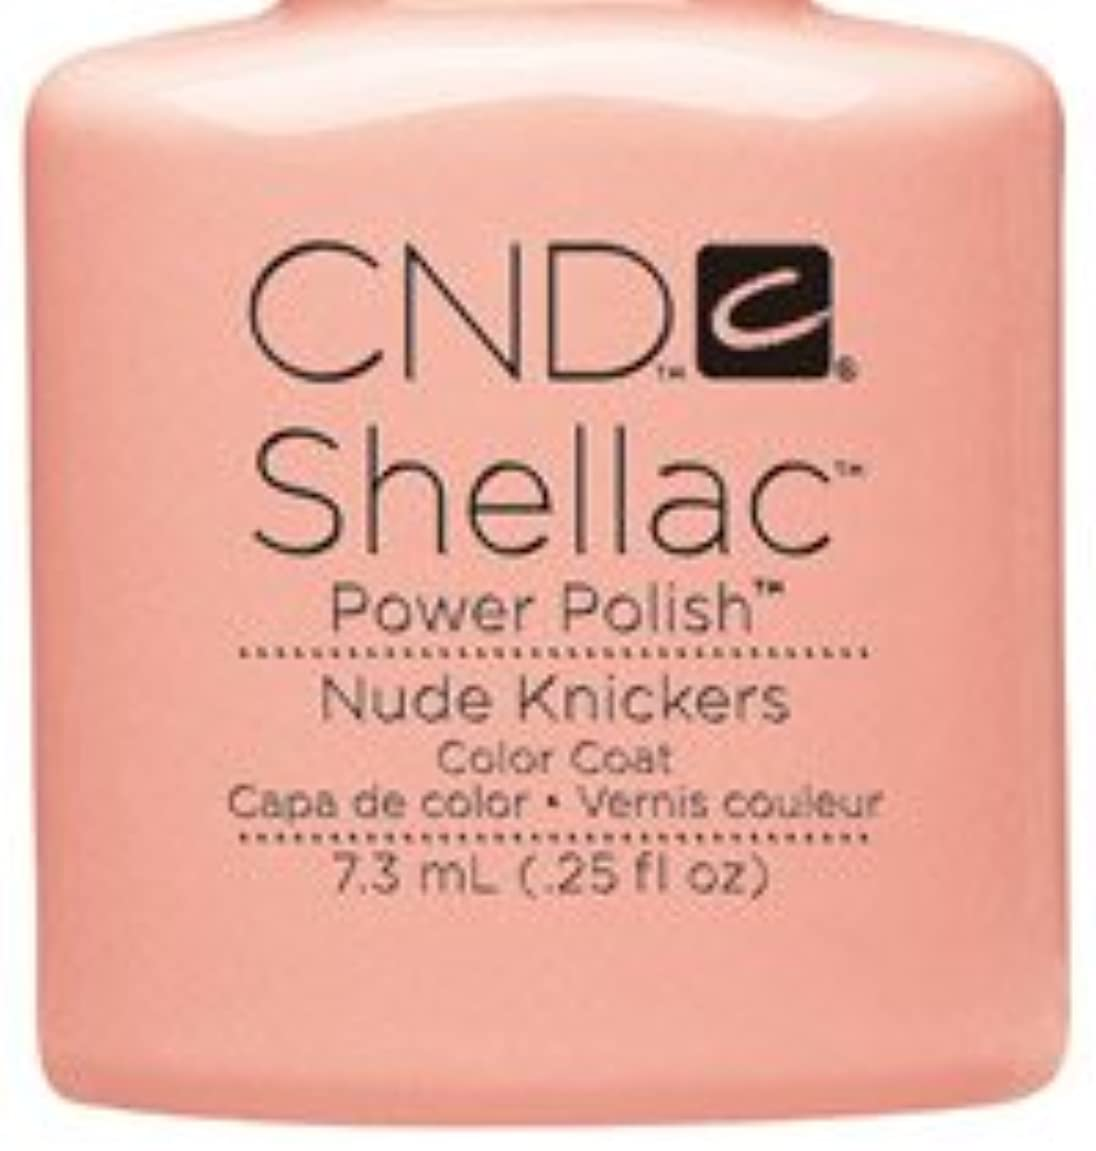 頻繁にフリンジ毎日CND シェラック UVカラーコート 7.3ml<BR>969 ヌード ニッカーズ